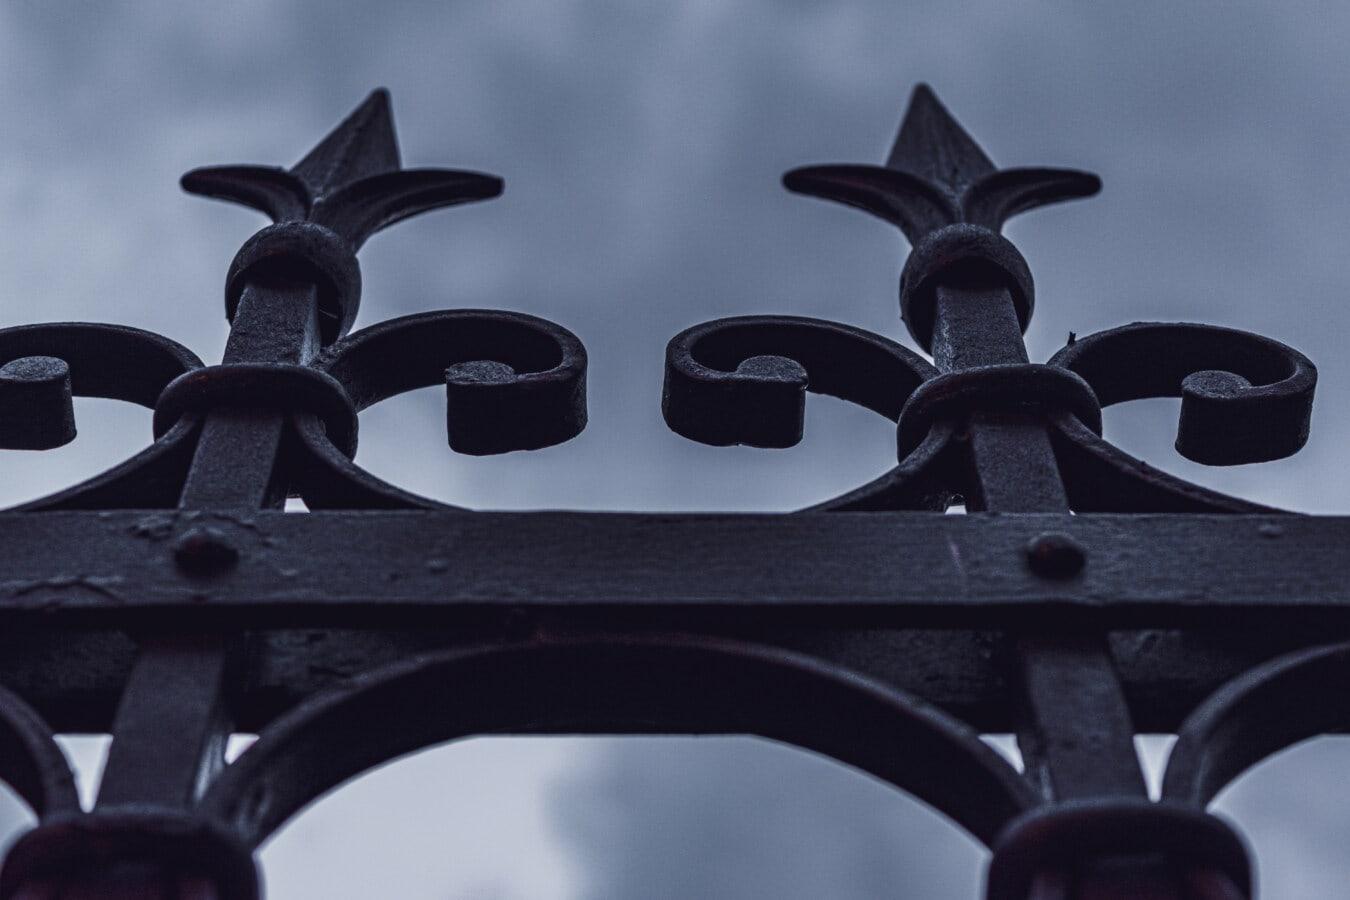 fer de fonte, clôture, gothique, fer, pointe de flèche, fait main, flèche, bleu foncé, art, vieux